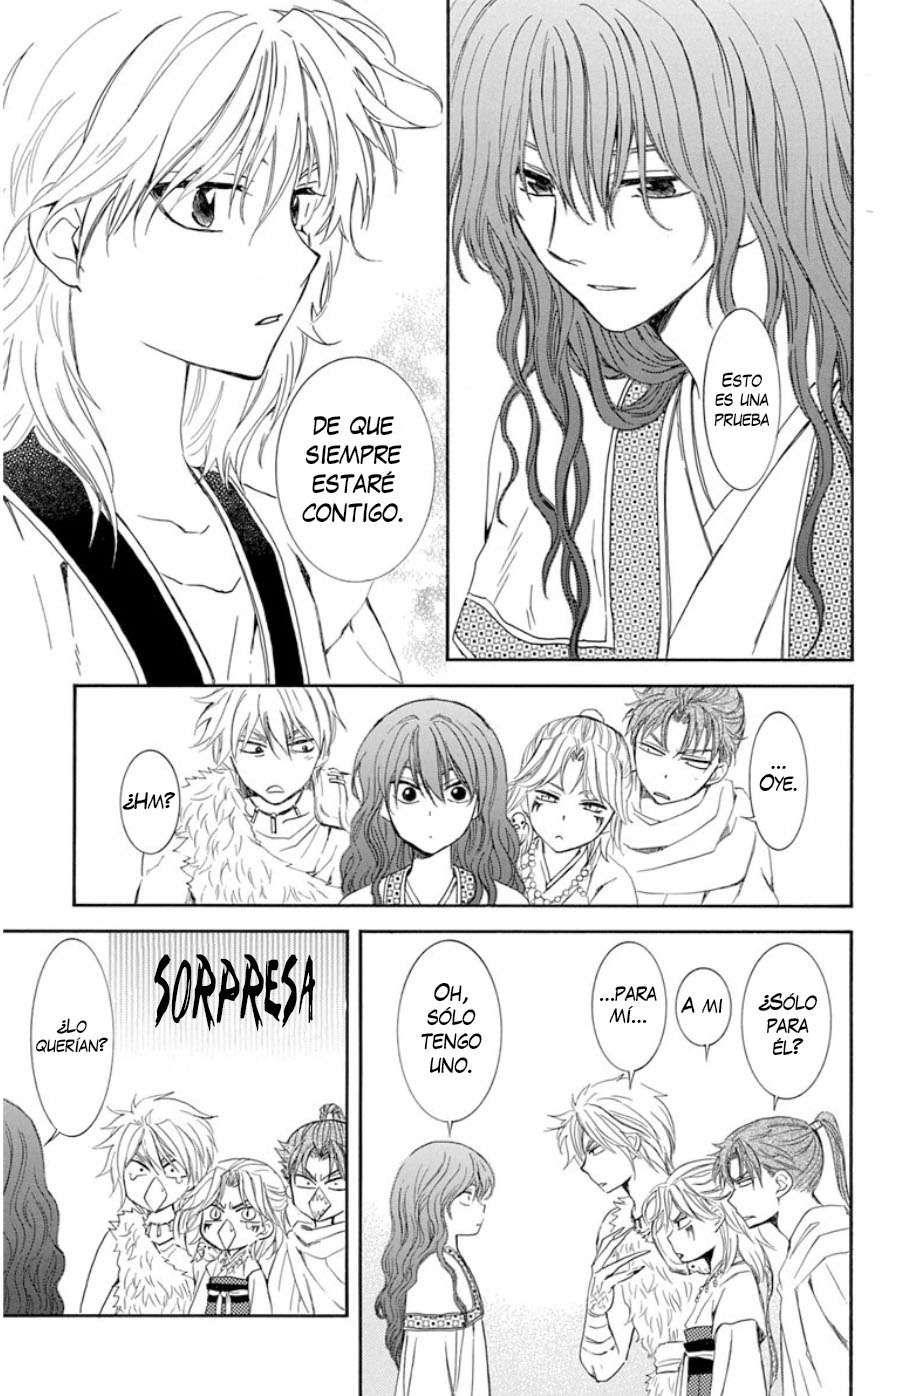 Manga Akatsuki no Yona Capítulo 102 Página 13 Akatsuki